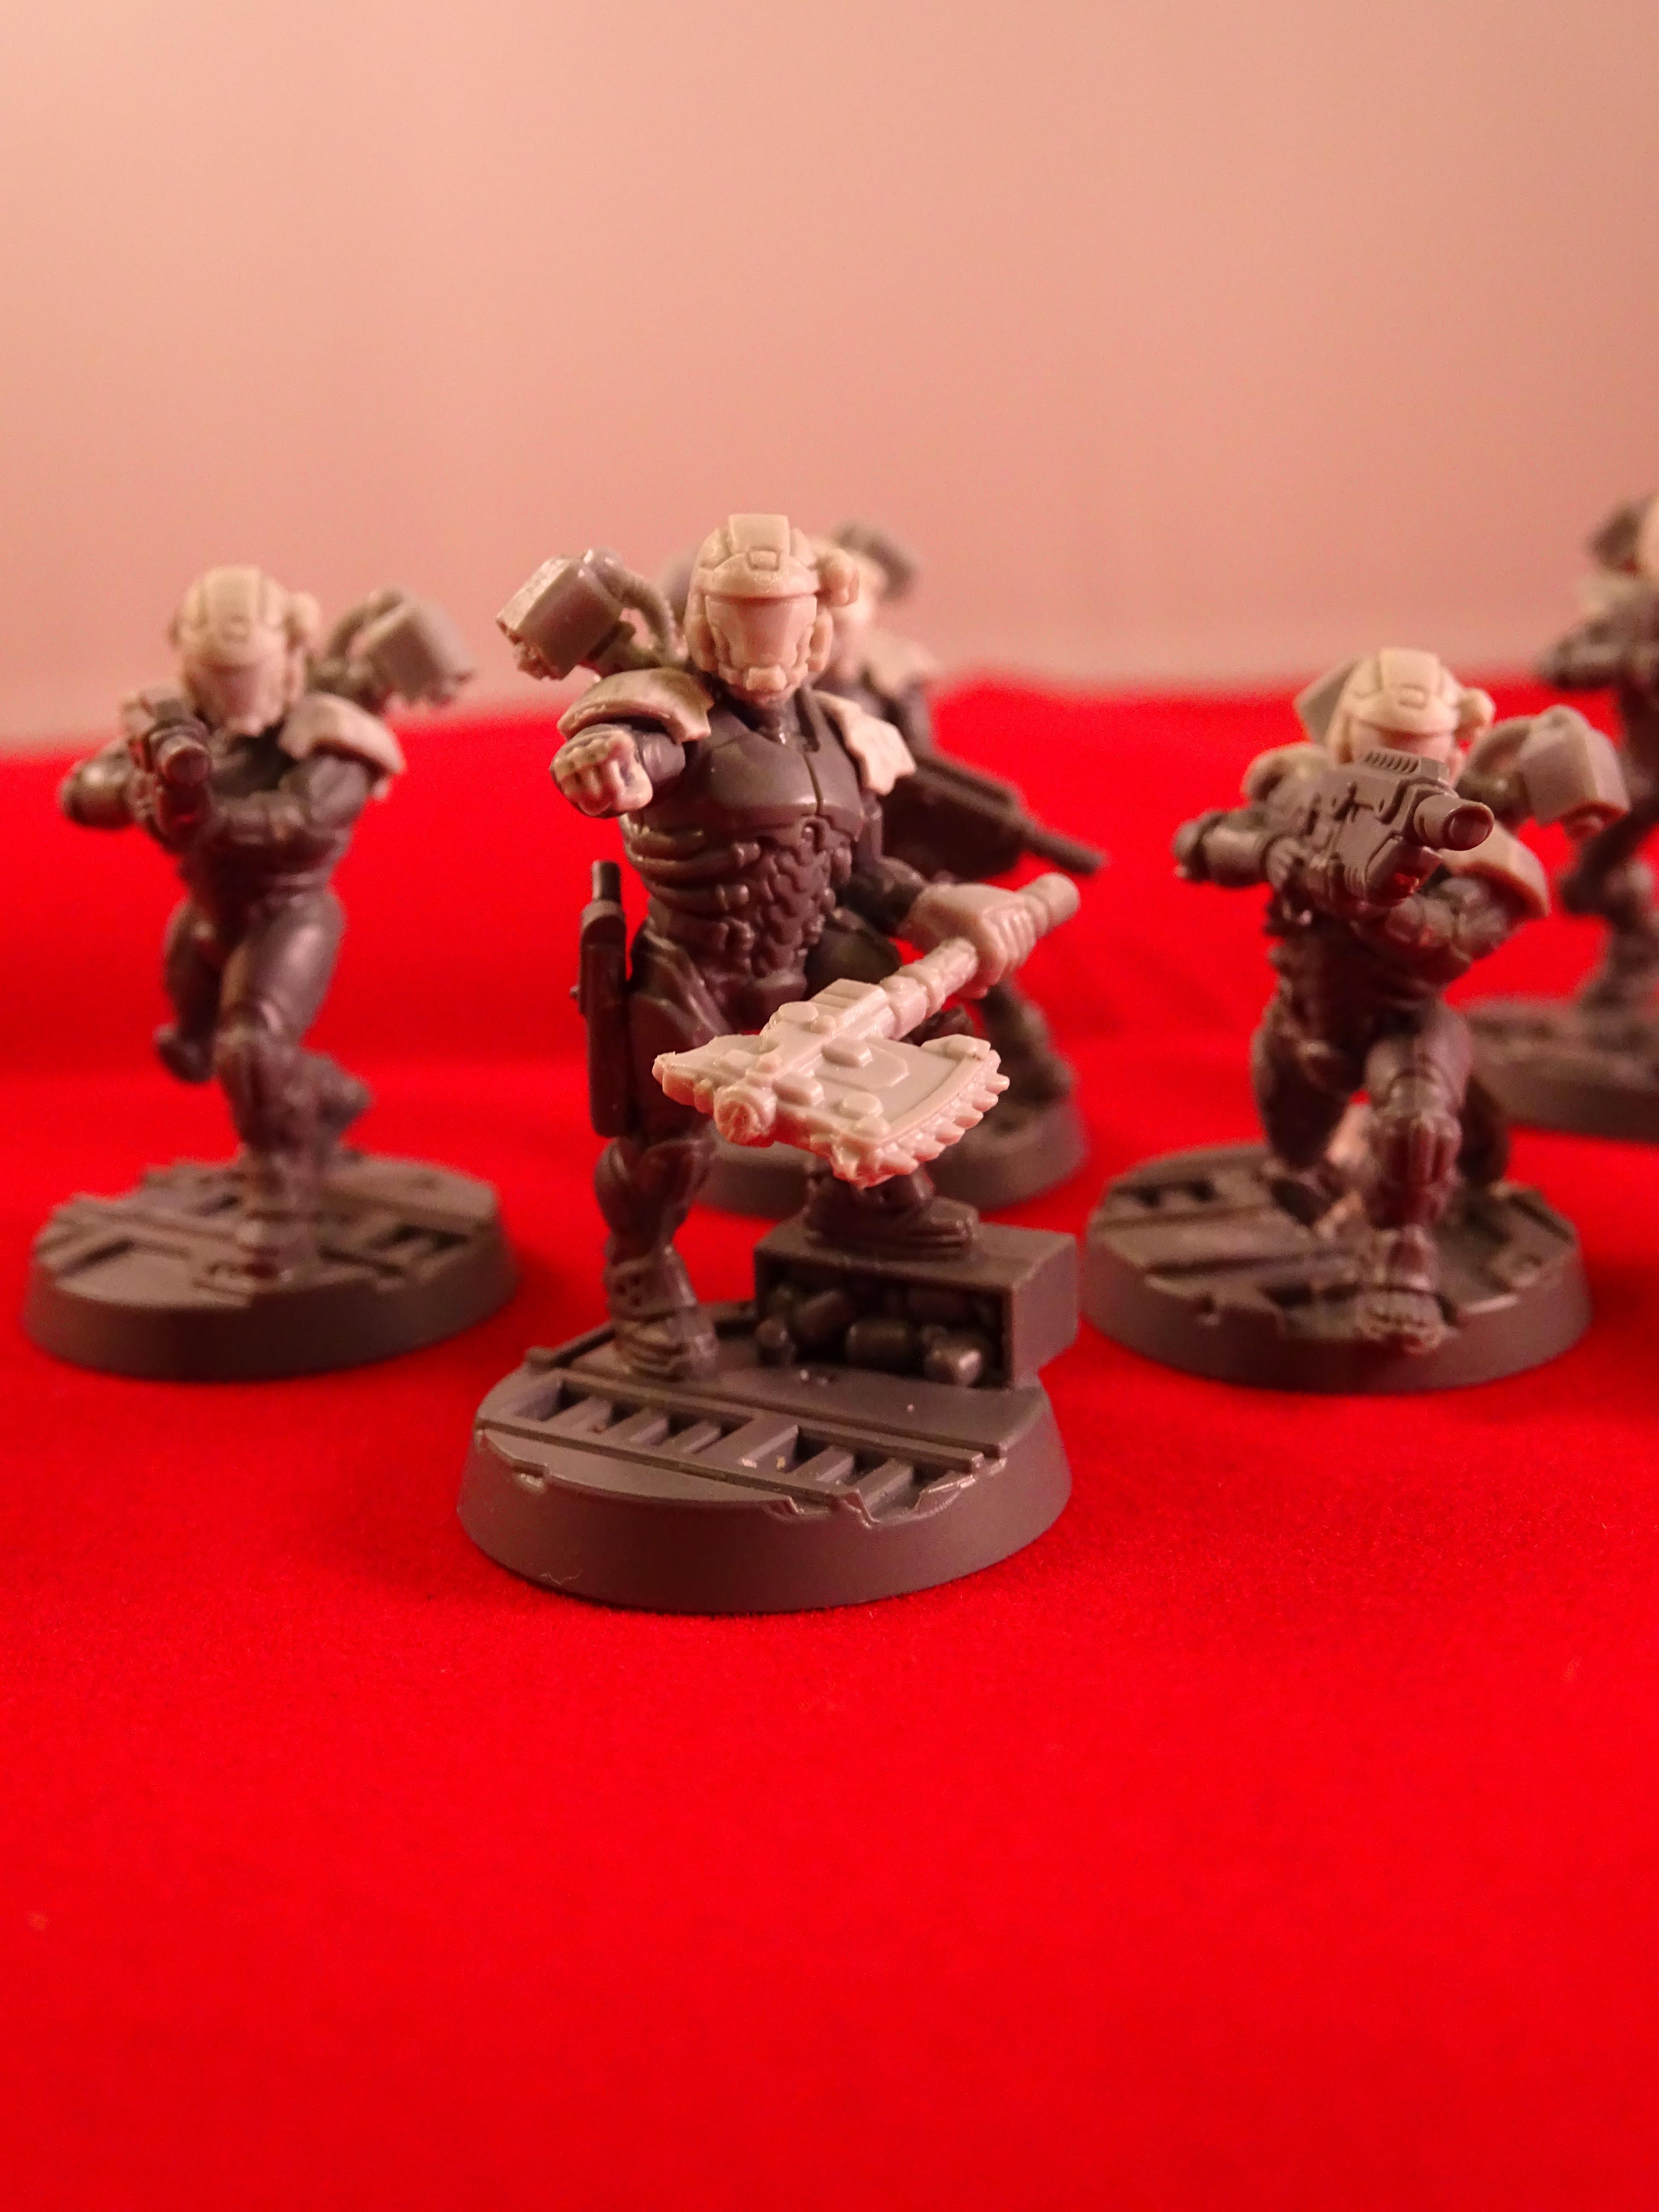 Converted Van Saar, Drop Troop, Drop Troops, Grav Chute, Guard, Imperial Guard, Necromunda Astra Militarum Conversions, Odst, Puppetswar, Voidborne